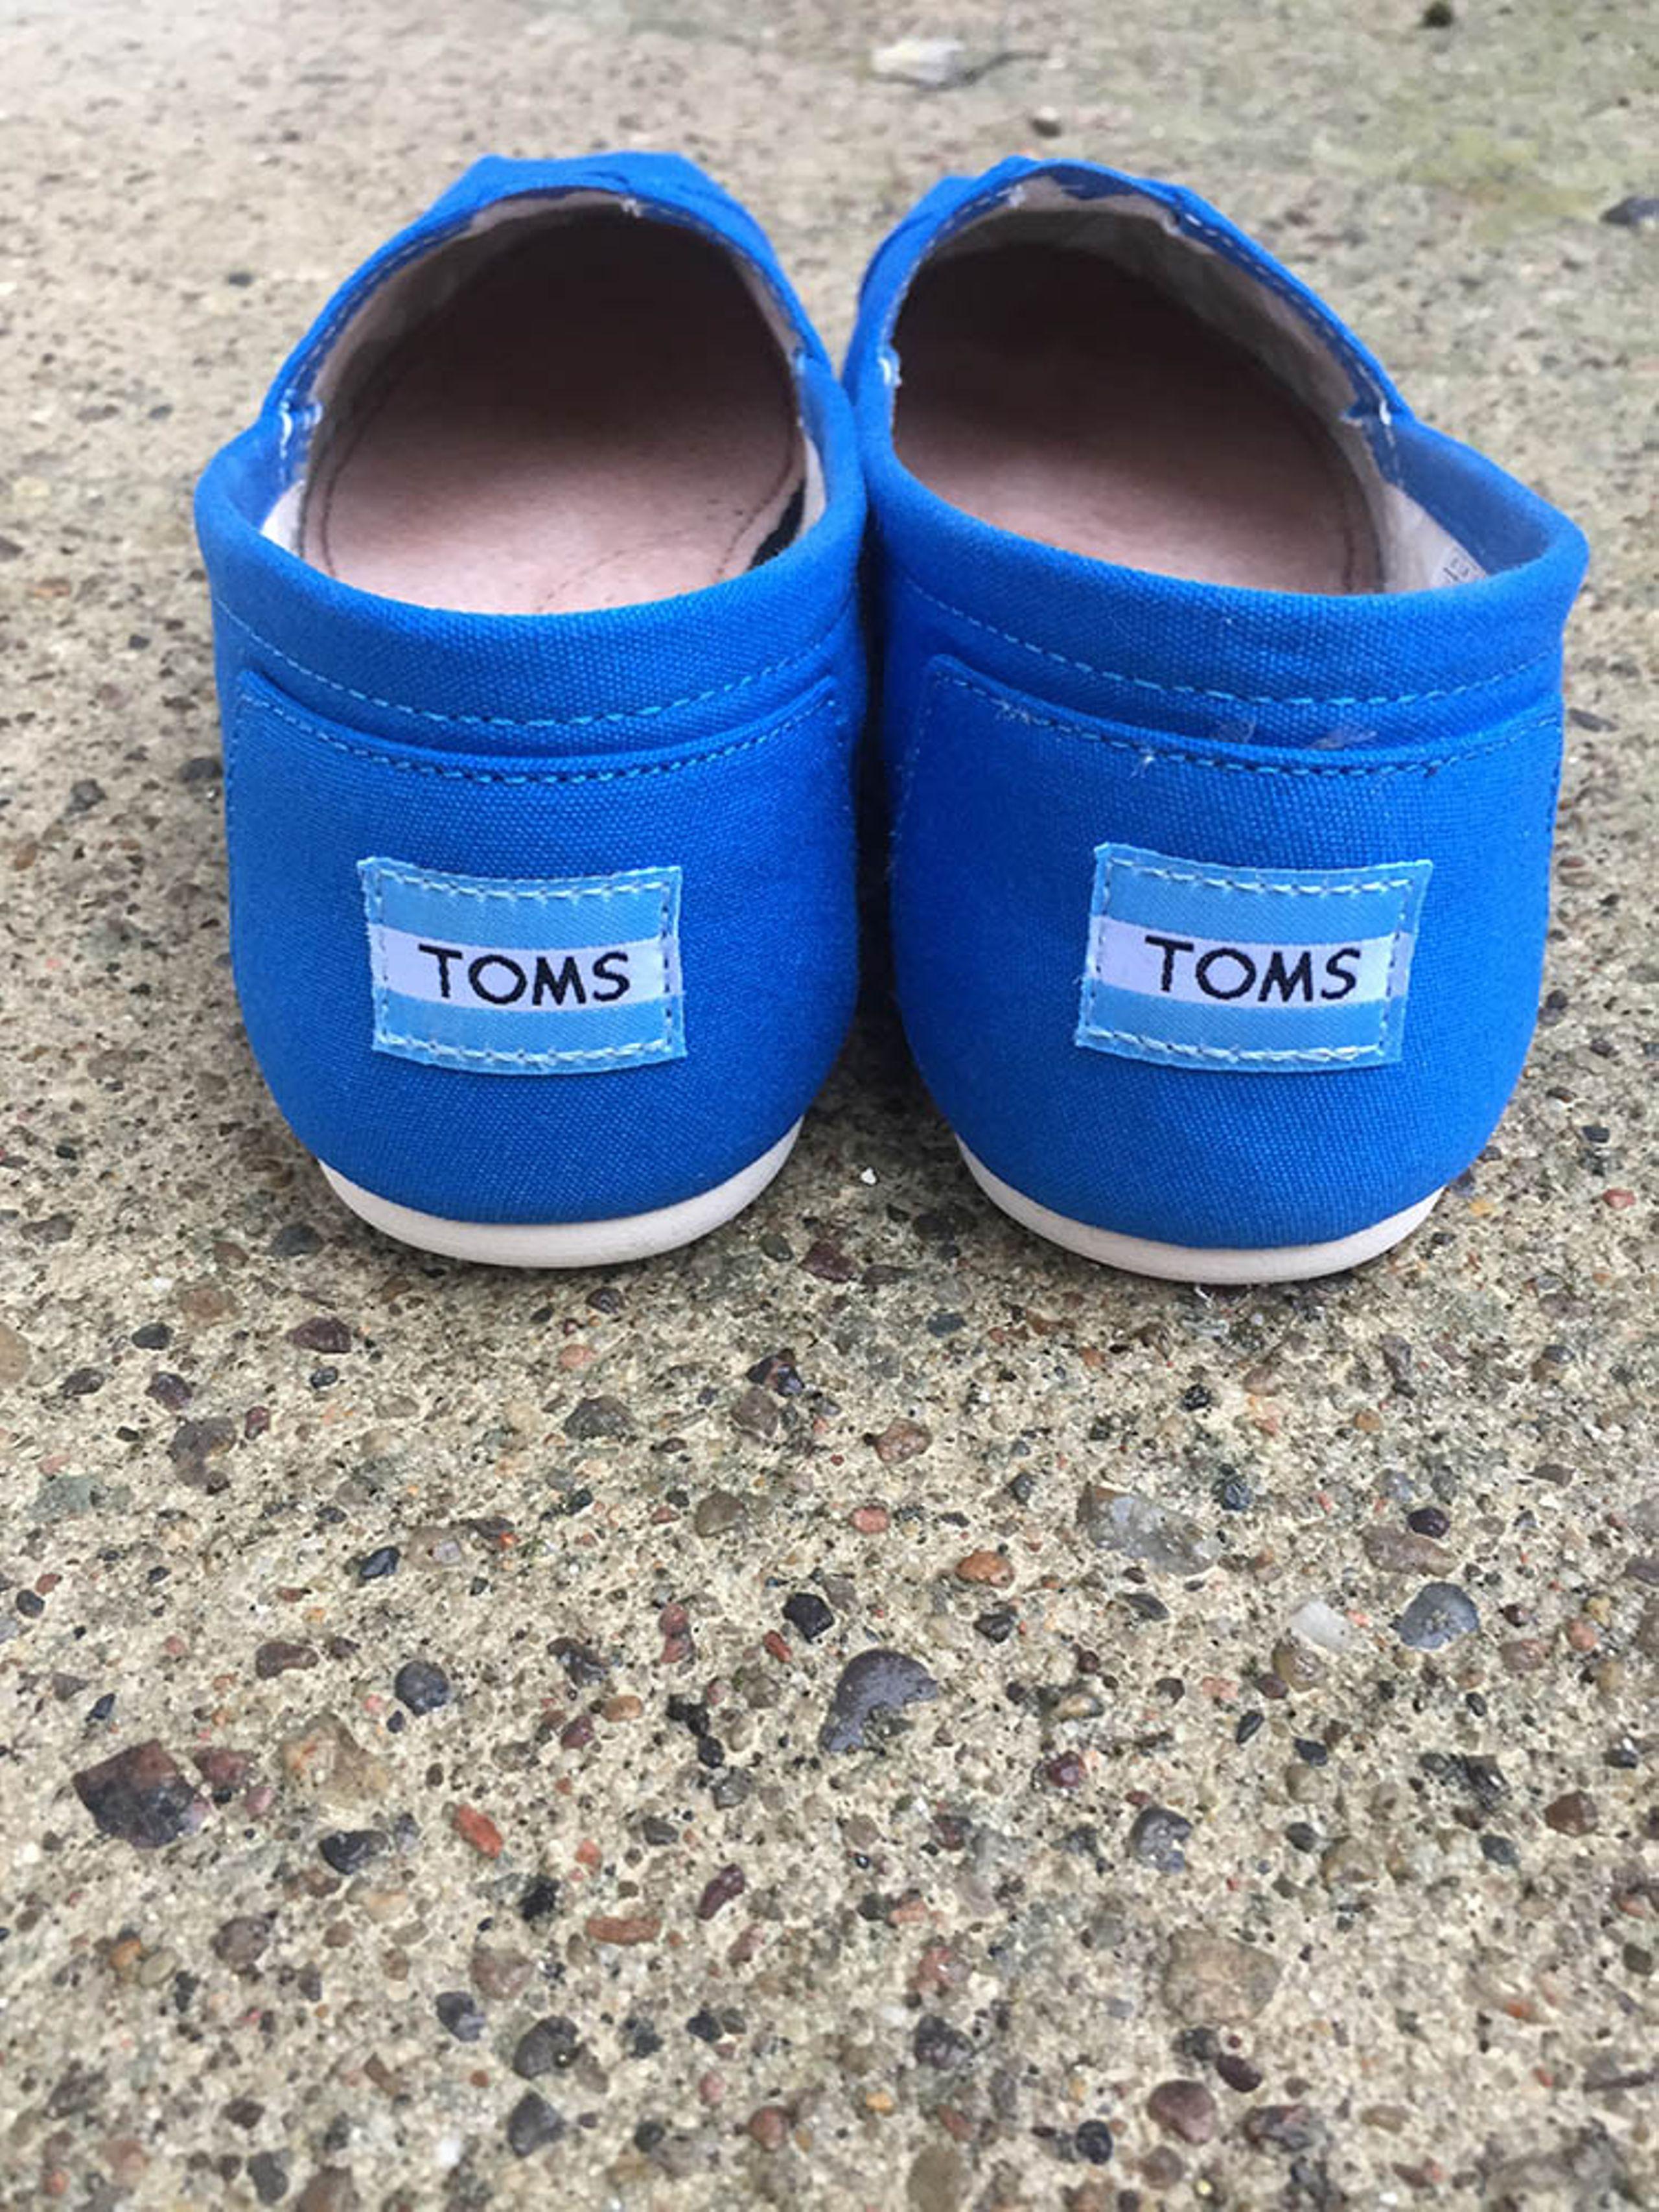 da022d52908 ... Toms sko TOMS Cobalt Canvas Sko Cobalt Blå ...